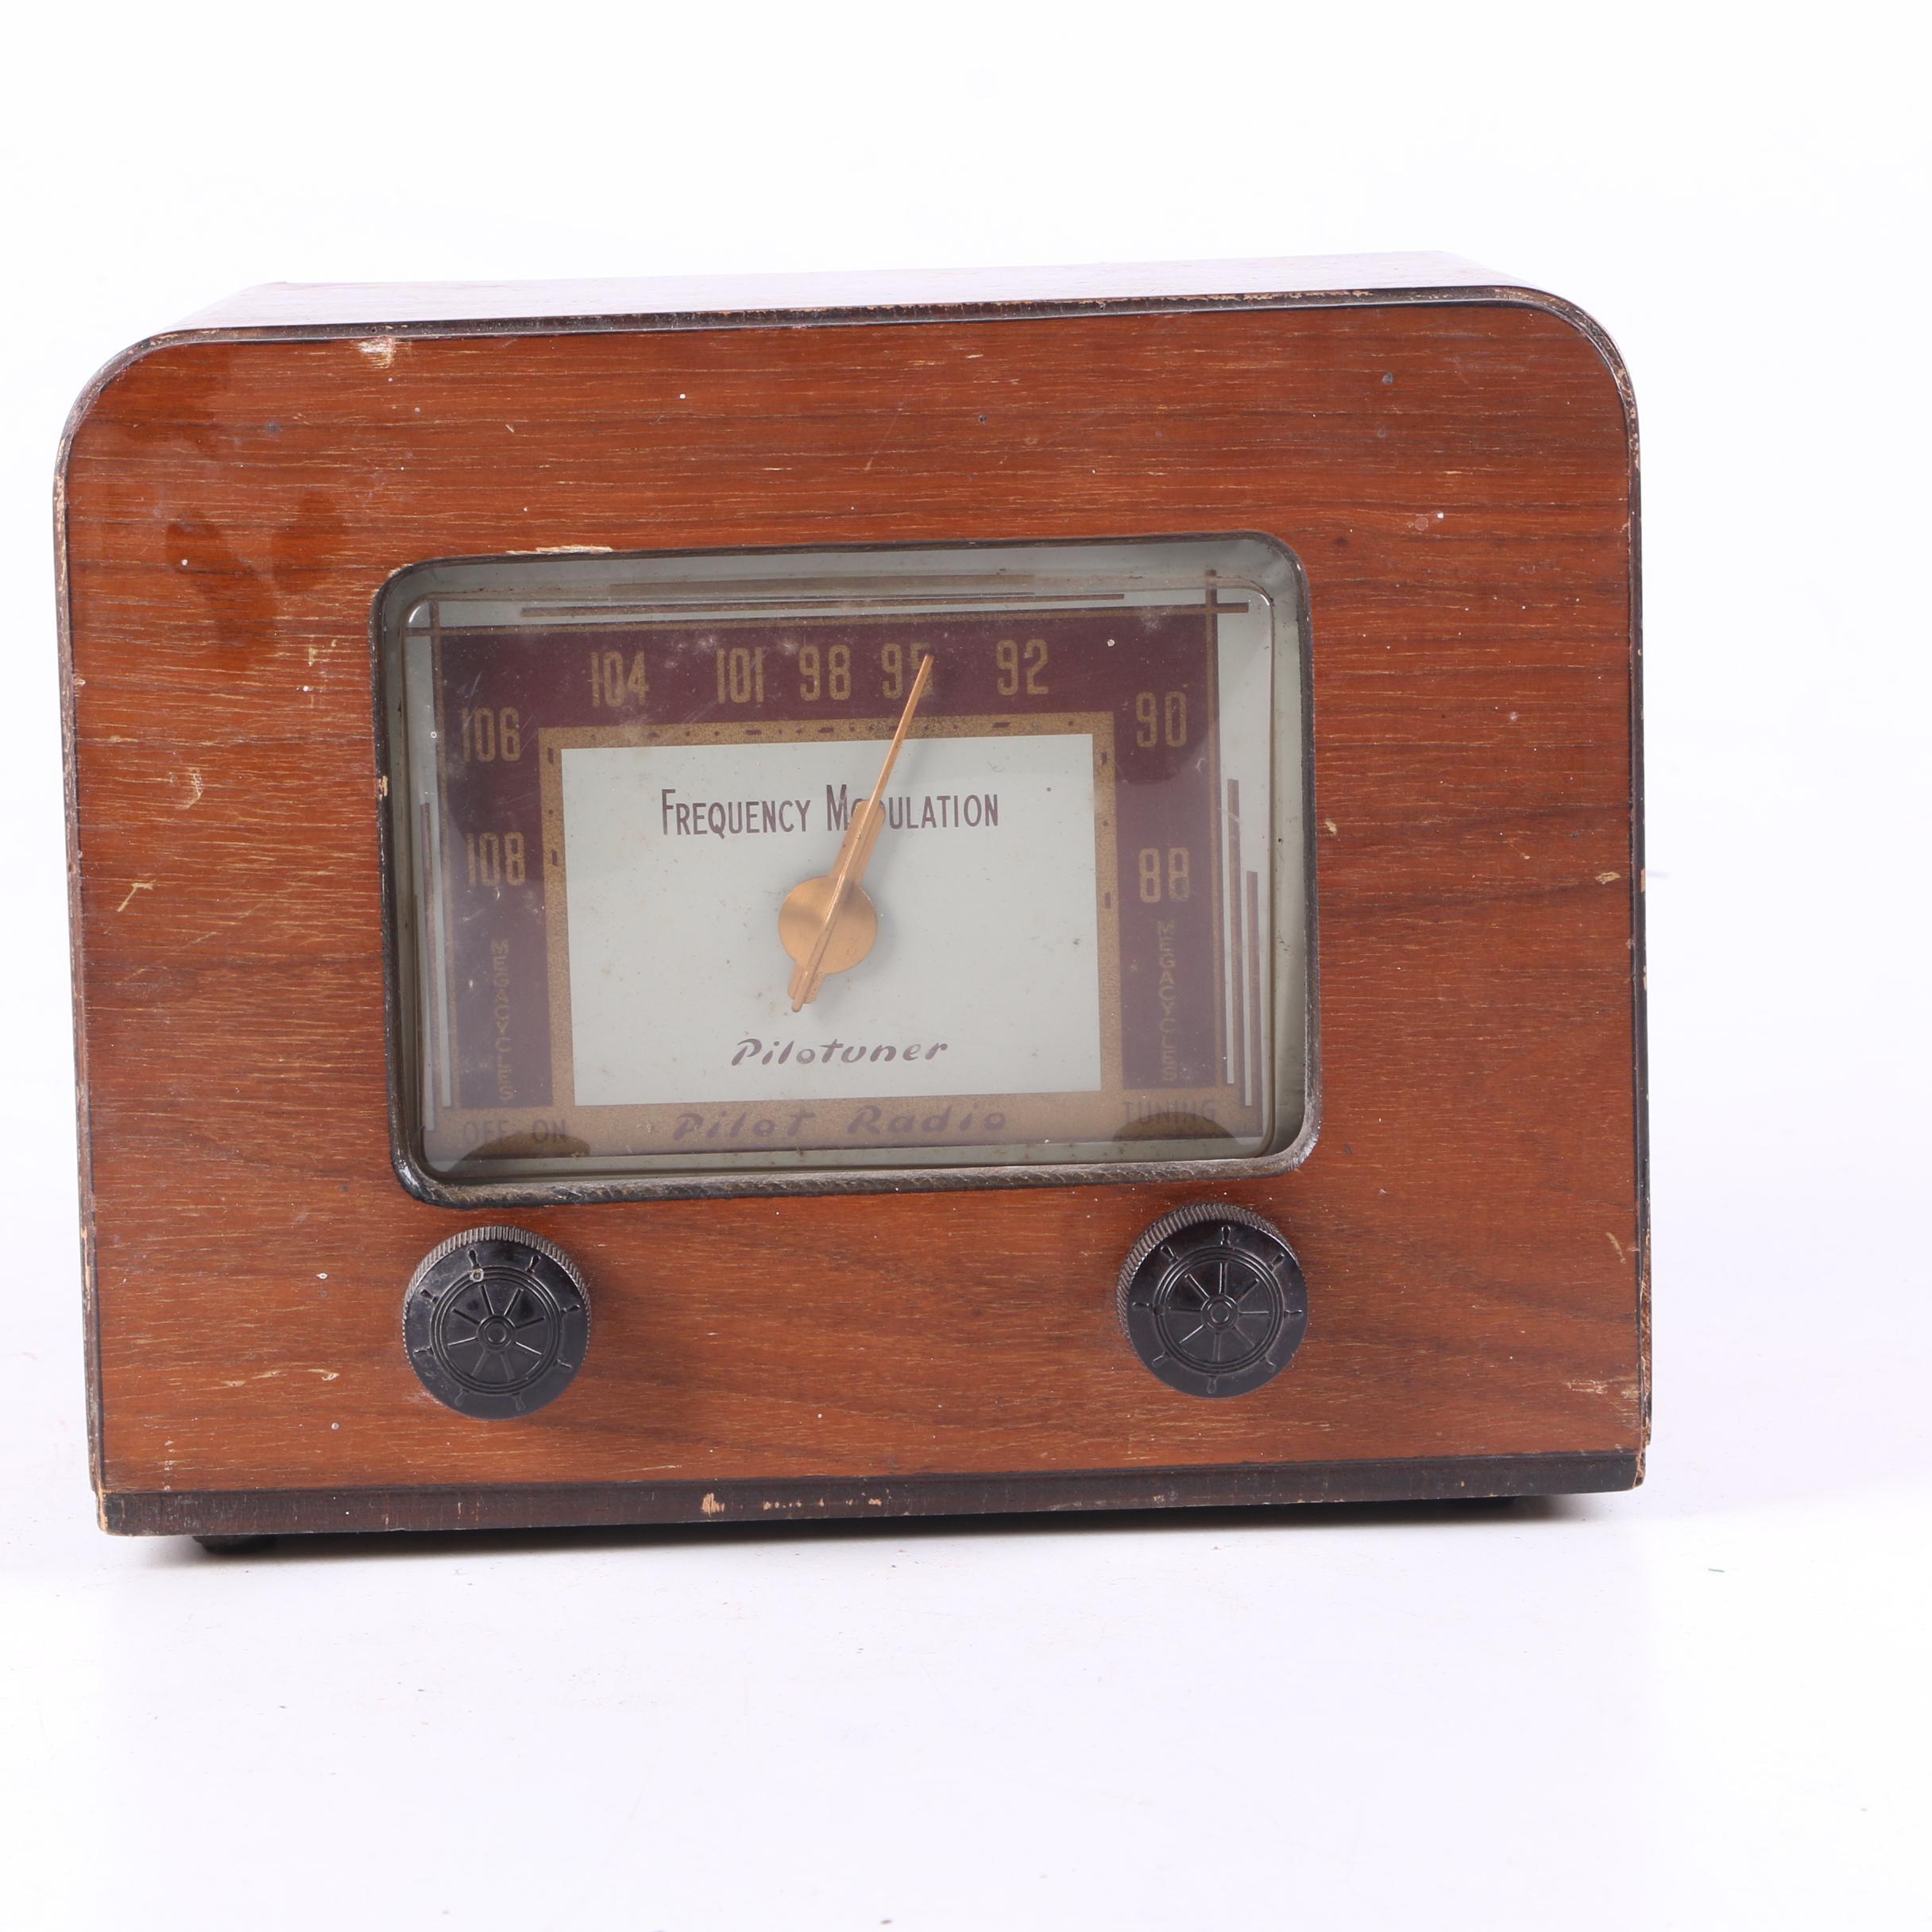 1947 Pilotuner T601 FM Radio Tuner